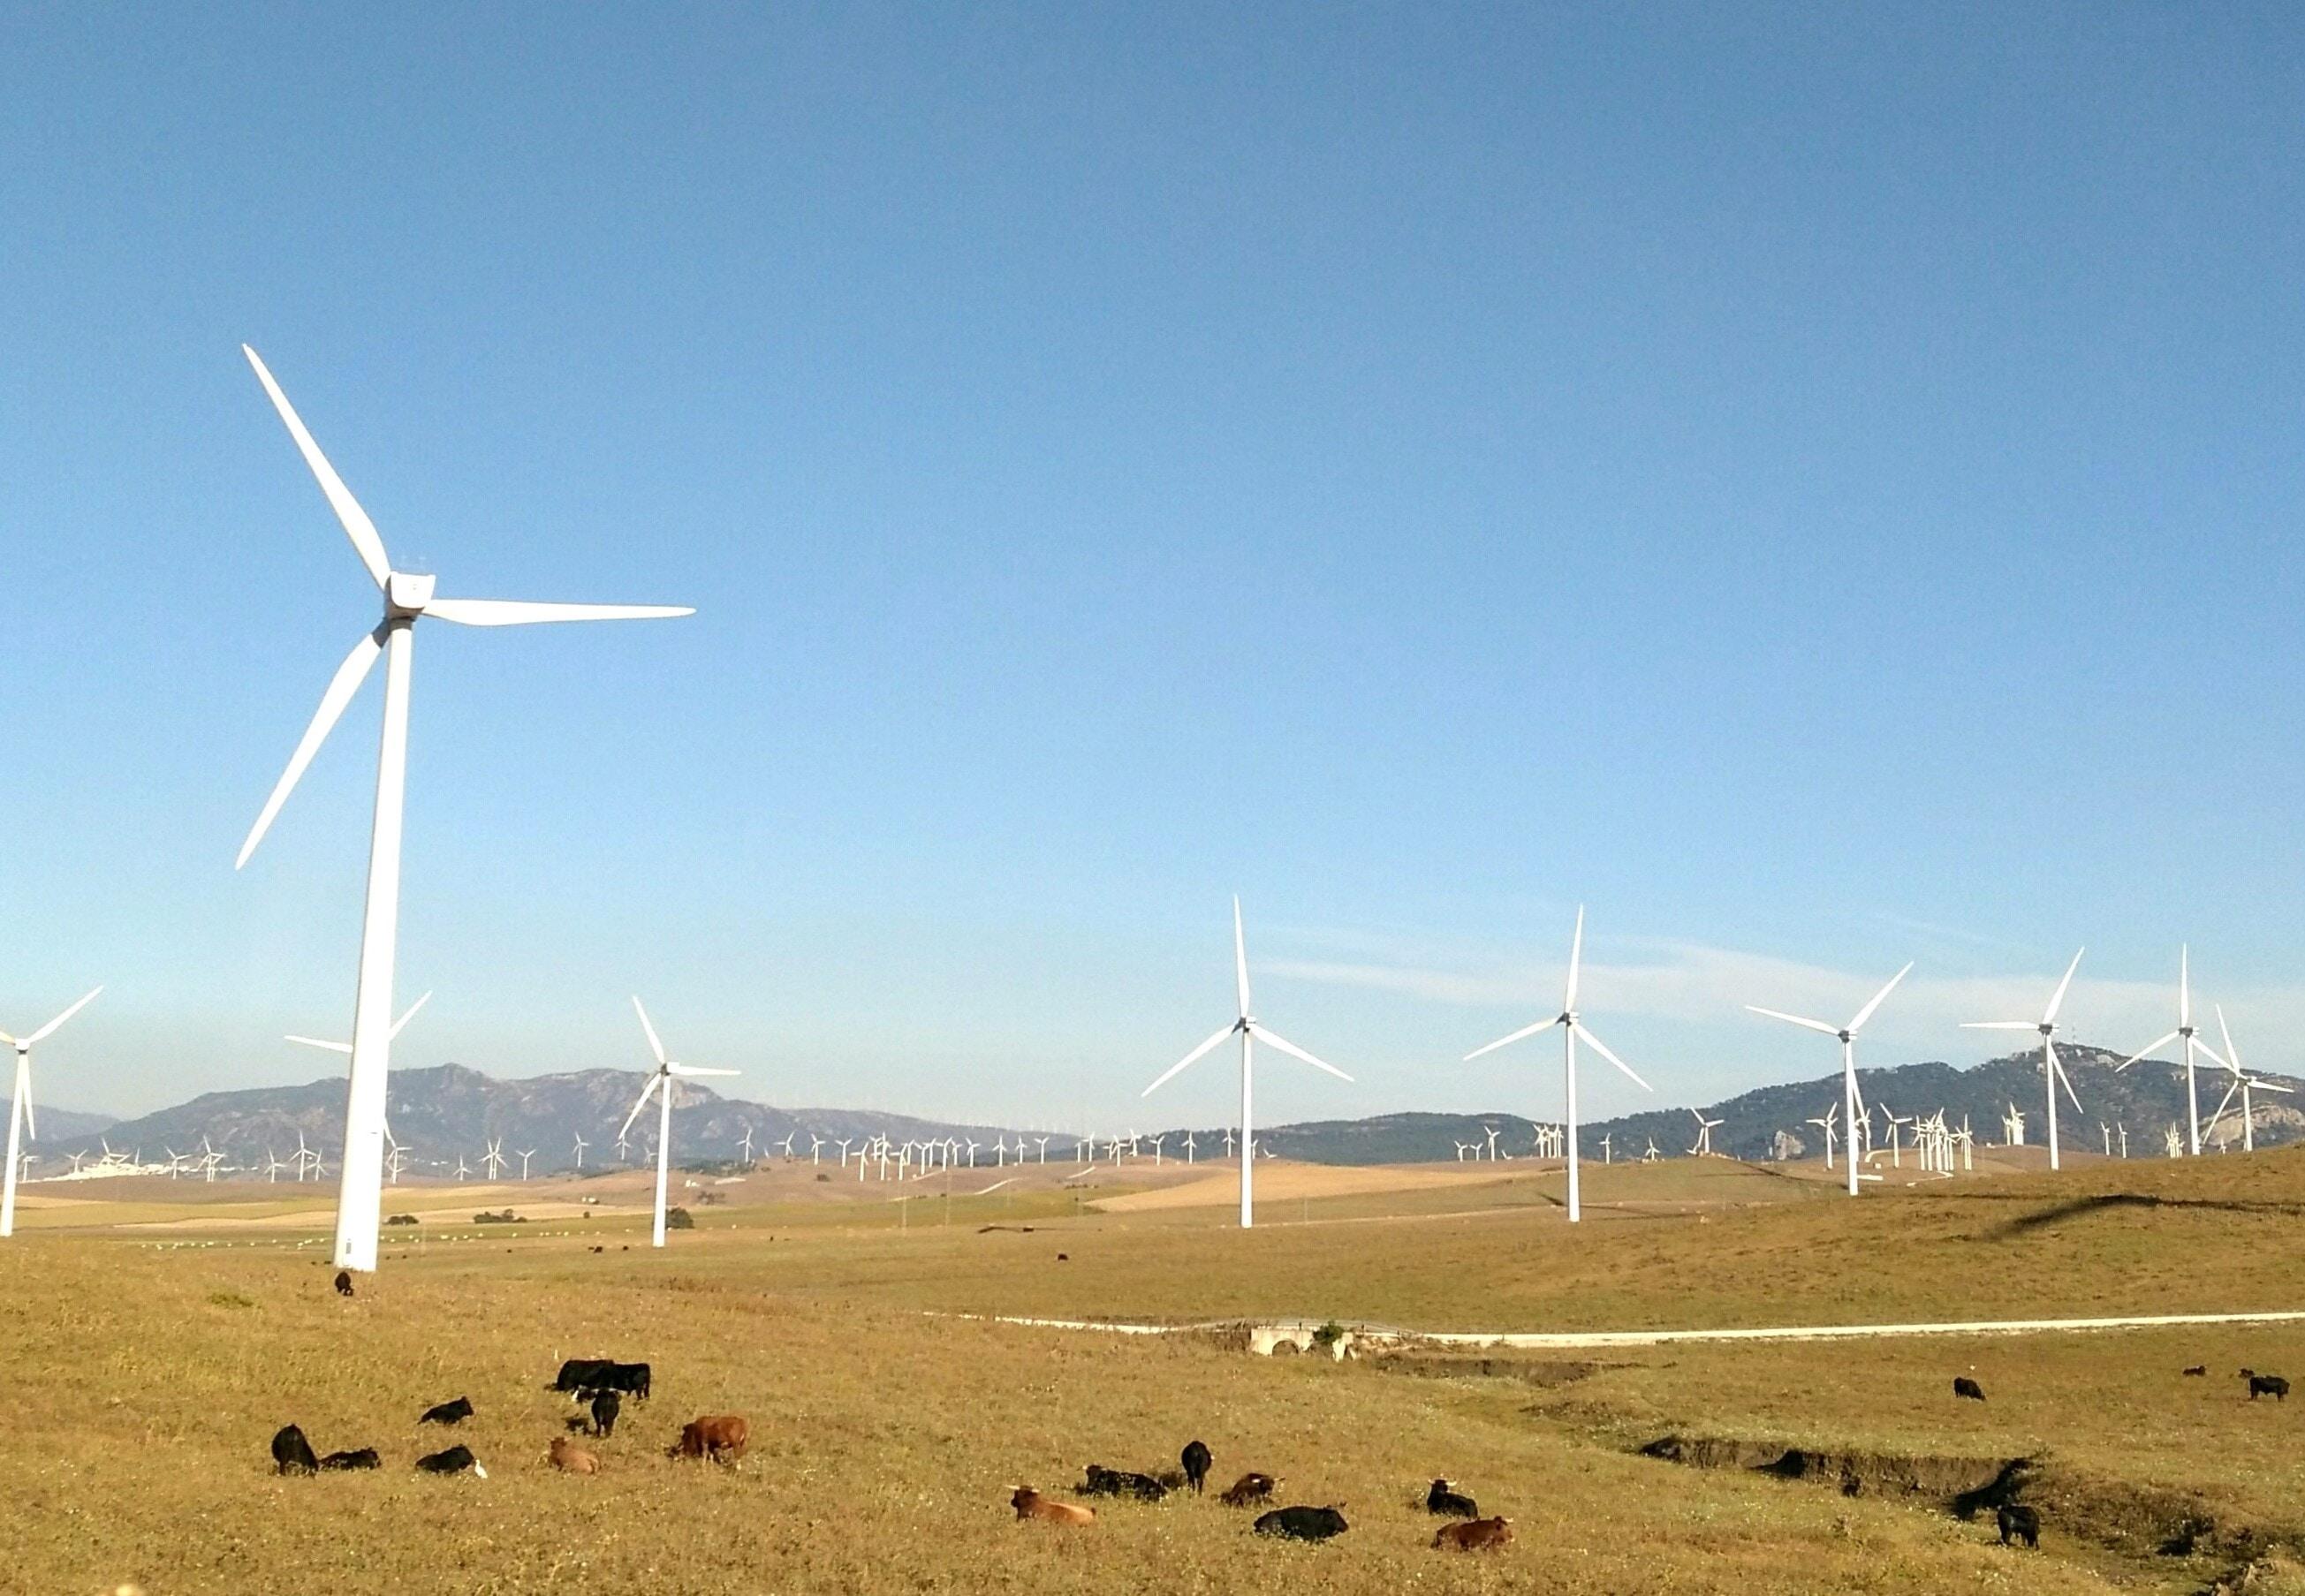 wind turbines on grass field